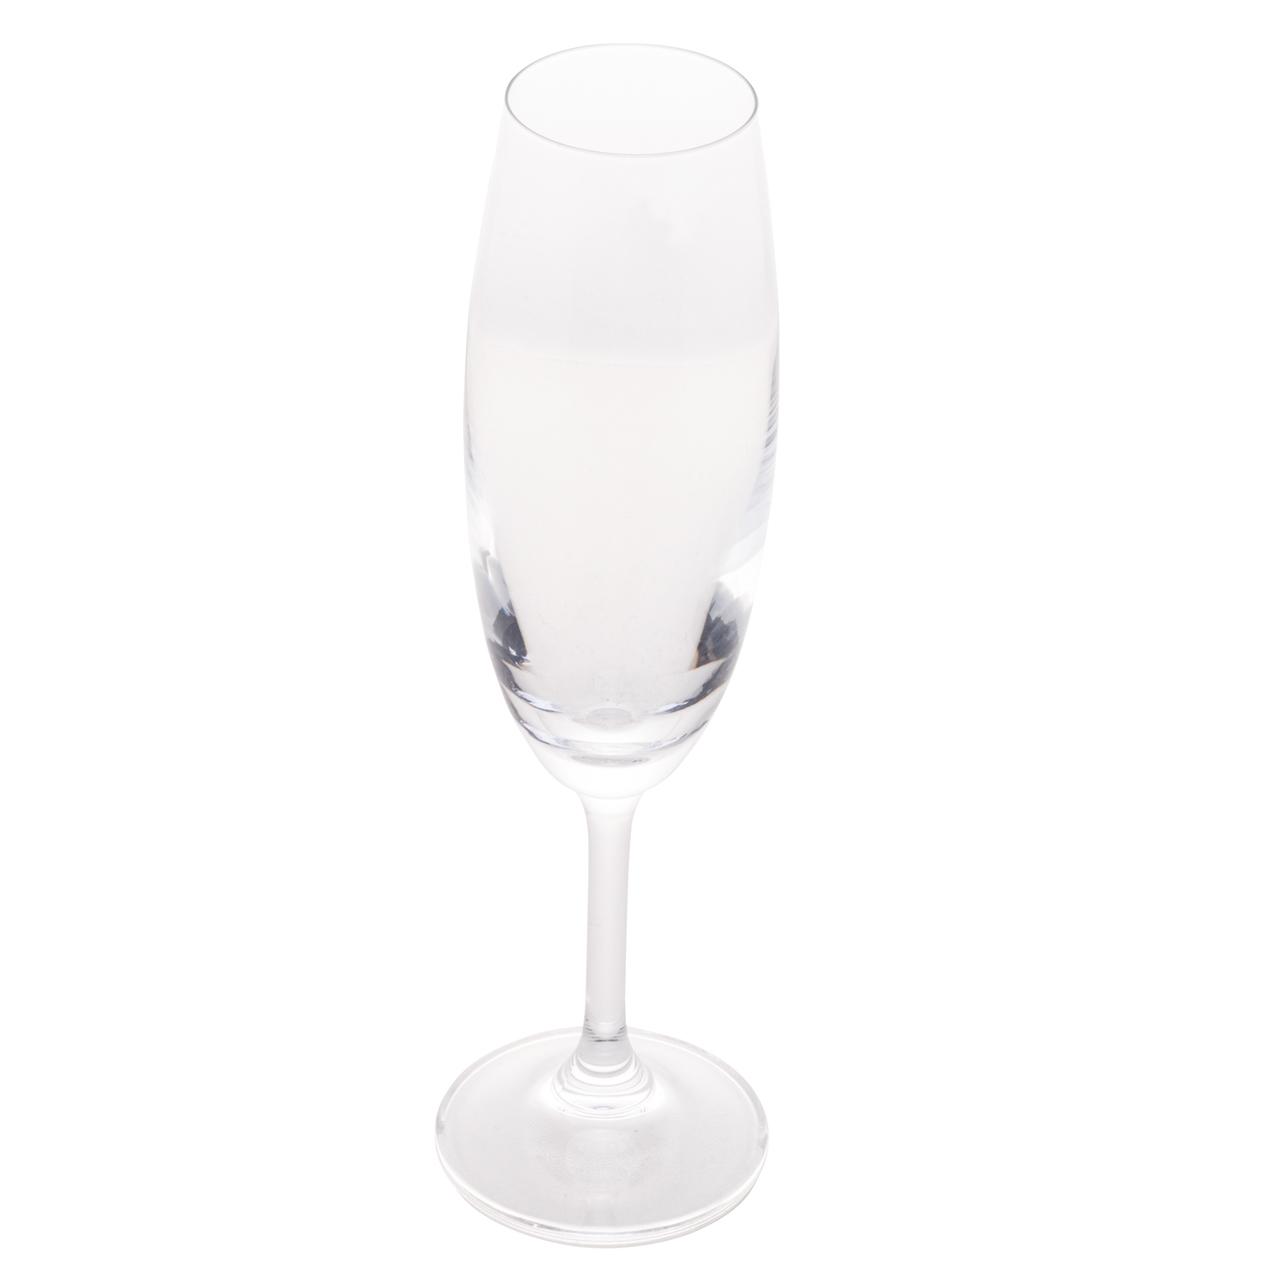 Jogo 6 Taça para Degustação Champagne de Cristal Ecológico 220 ml  - Lemis